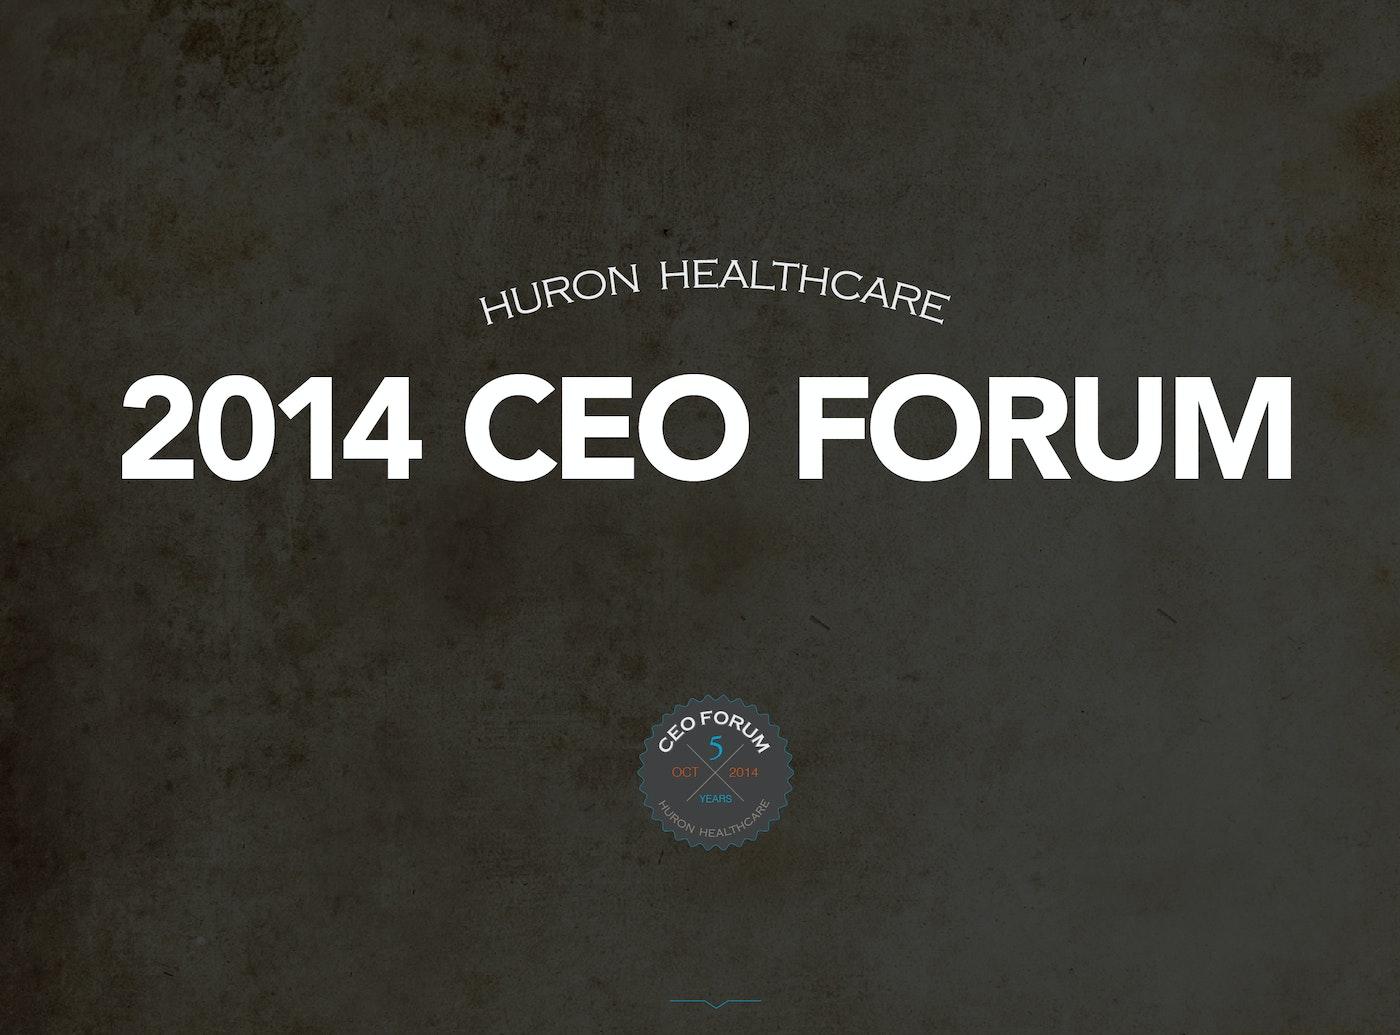 Hugo Dominguez - CEOForum_2014_site-02